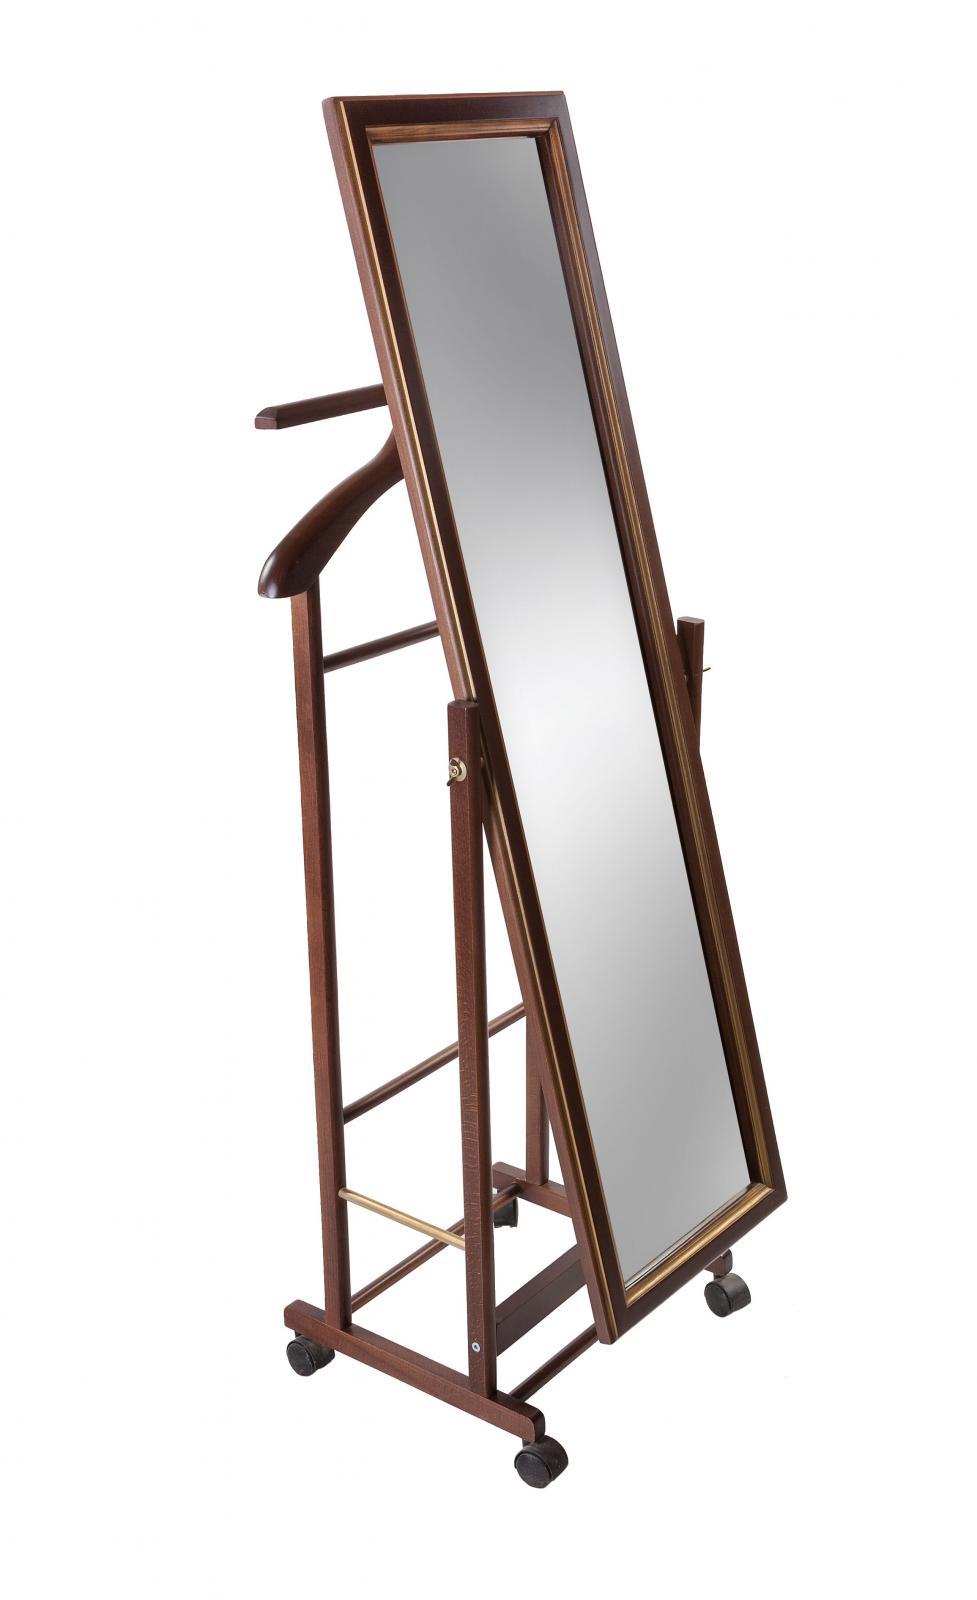 Вешалка костюмная Мебелик В 24Н с зеркалом на колесах венге